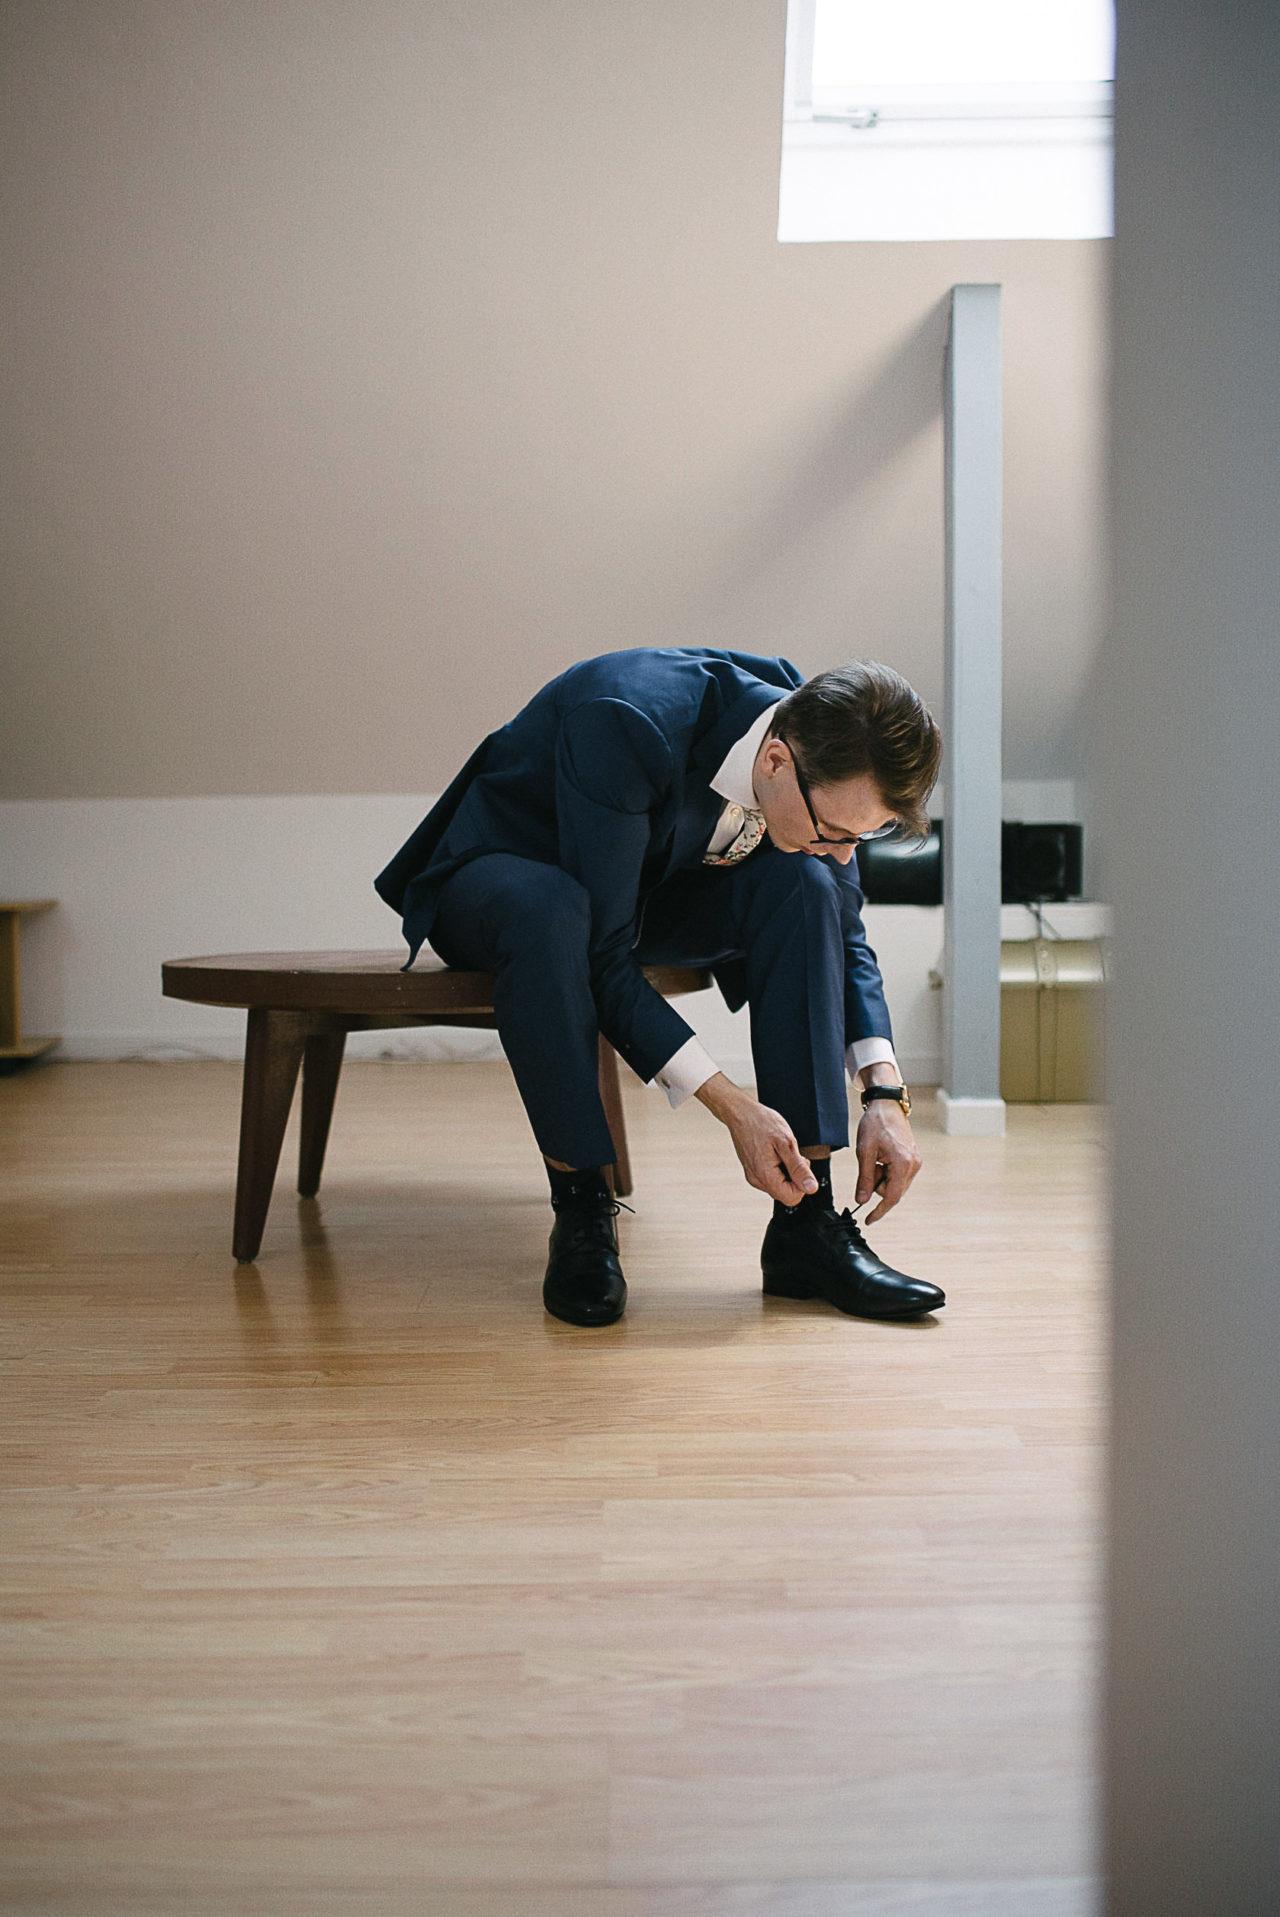 Le marié finit de lacer ses chaussures avant de retrouver sa future femme